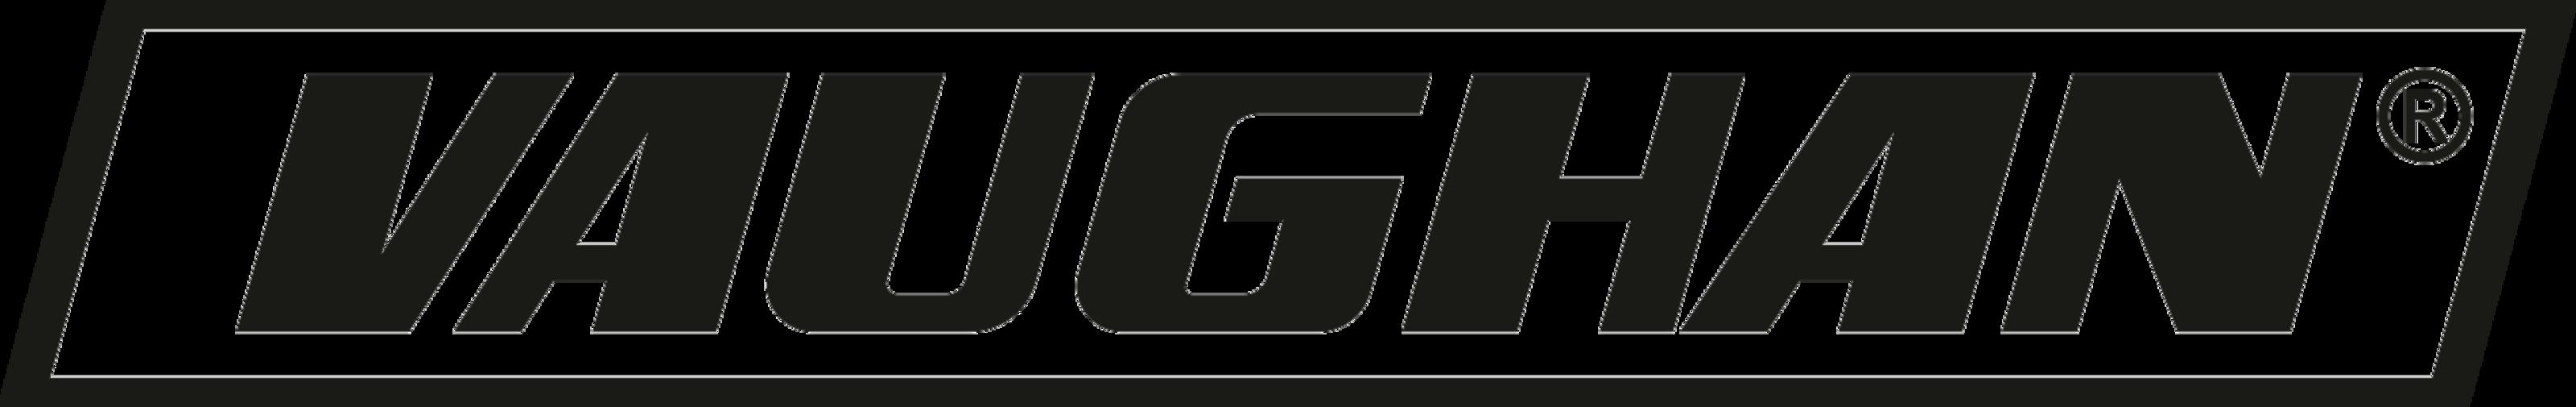 Logo - Vaughan - Main PCM